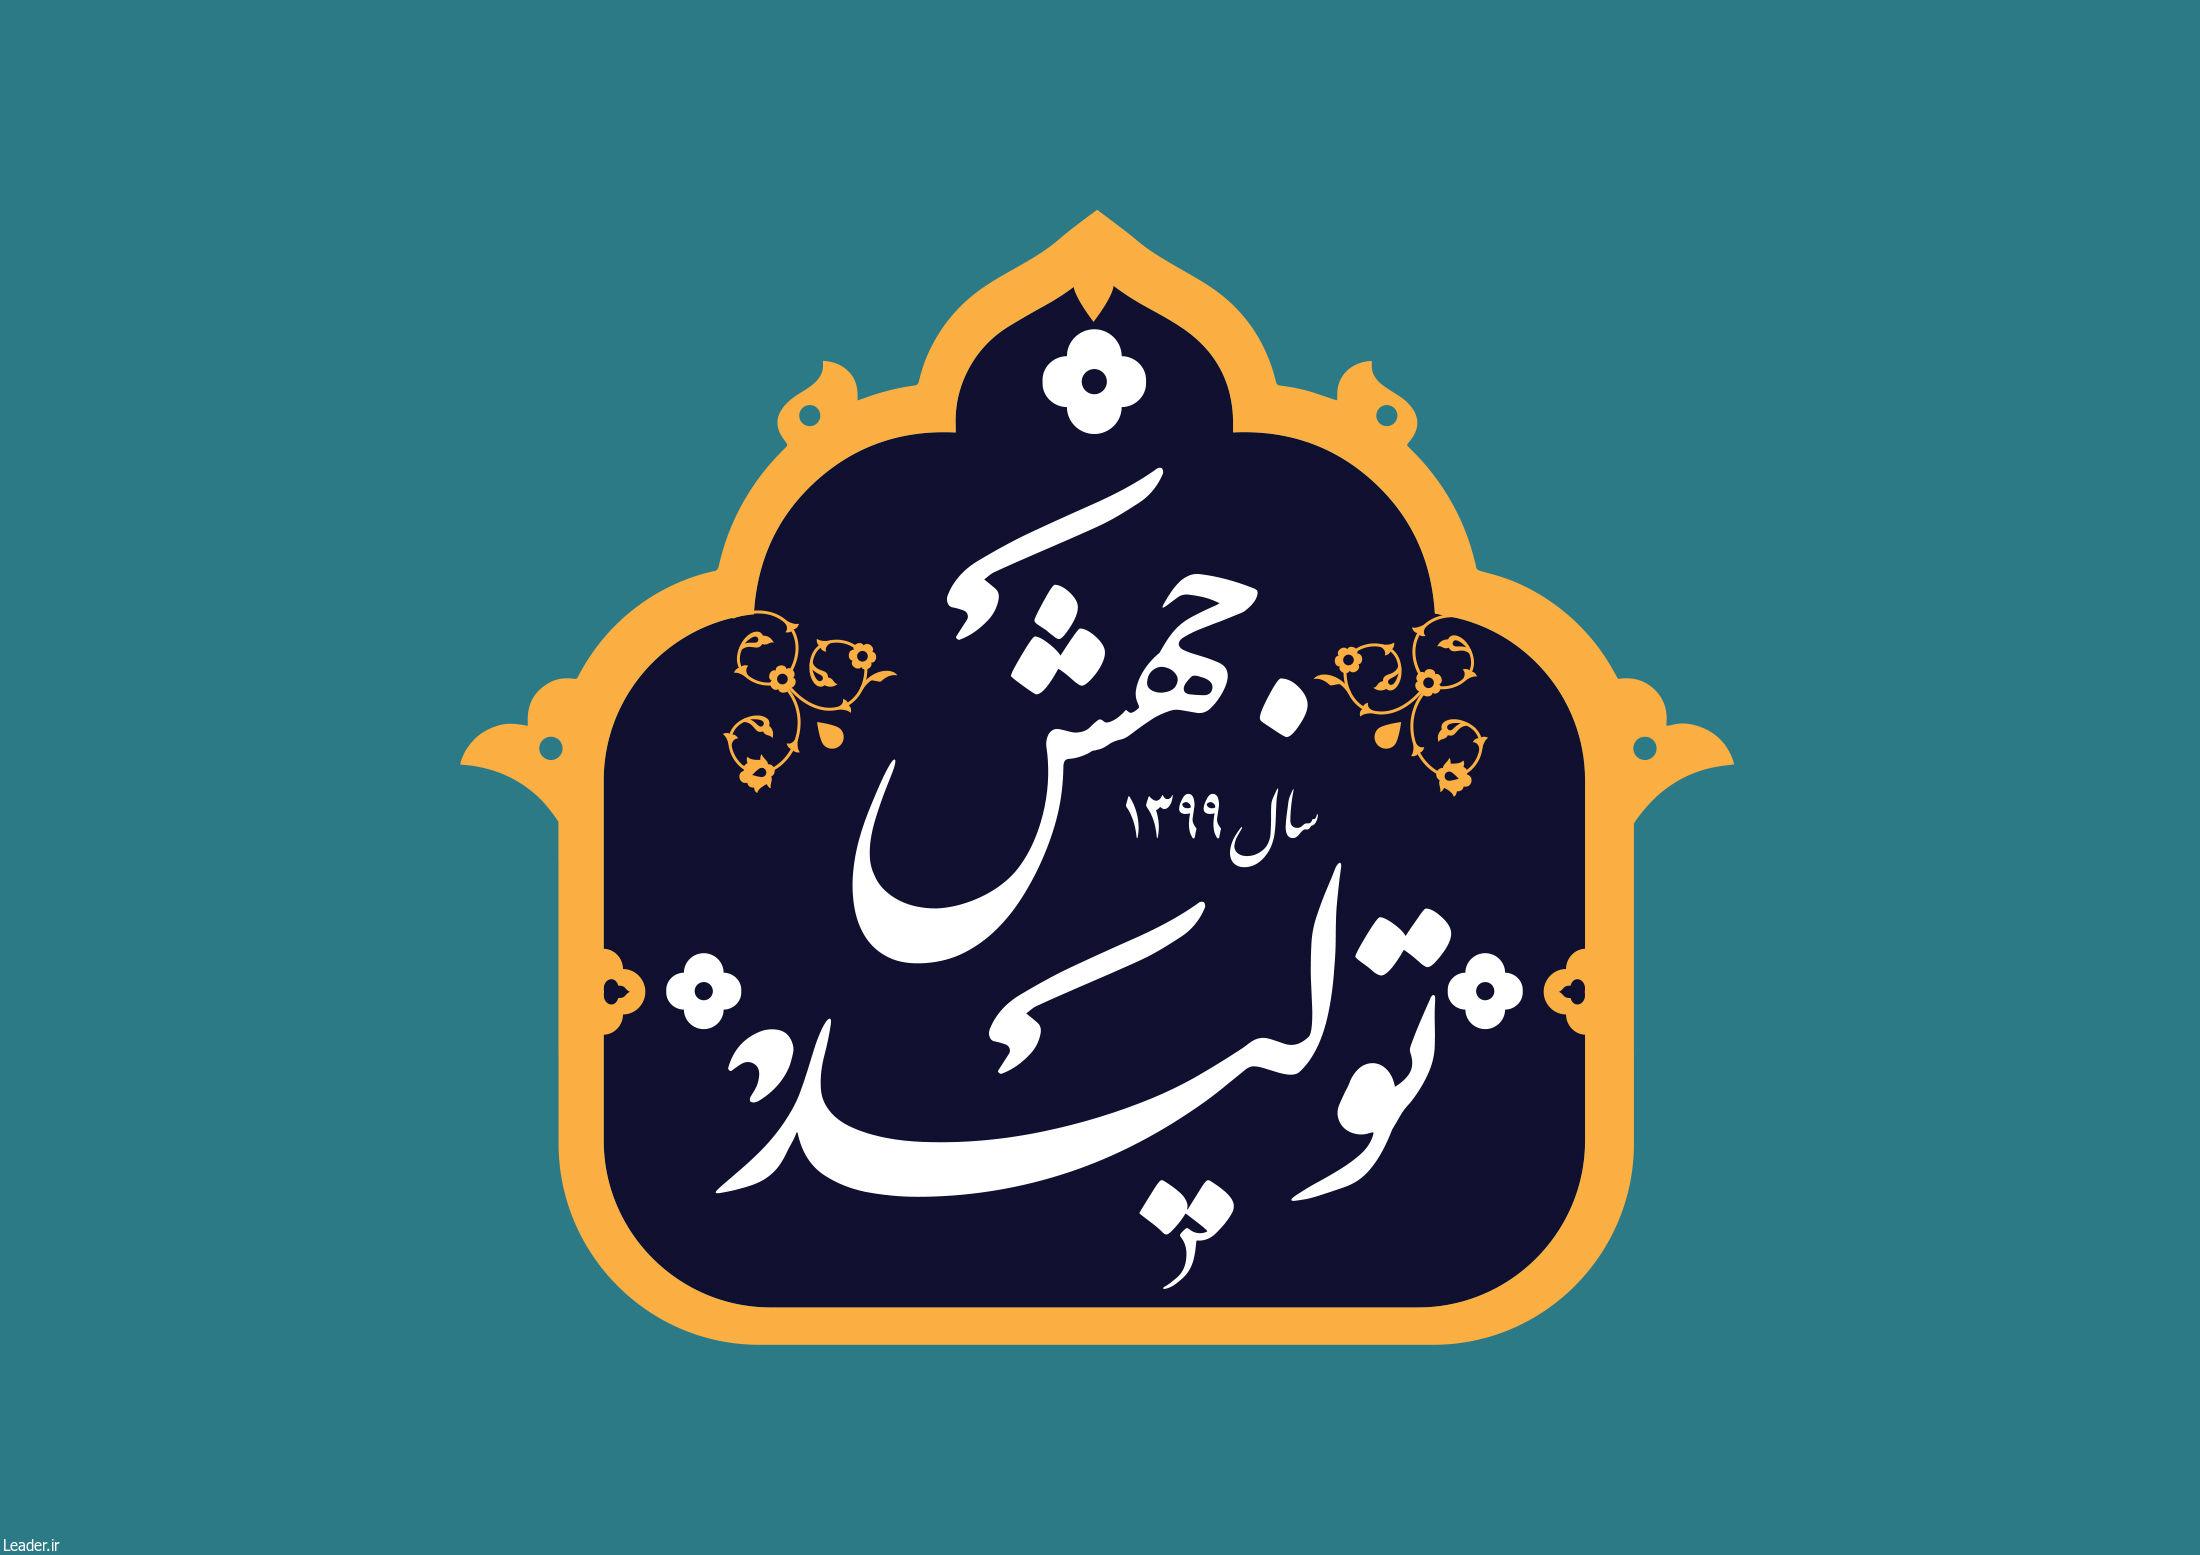 جهش تولید؛ اولین قدم اقتصادی در گام دوم انقلاب اسلامی